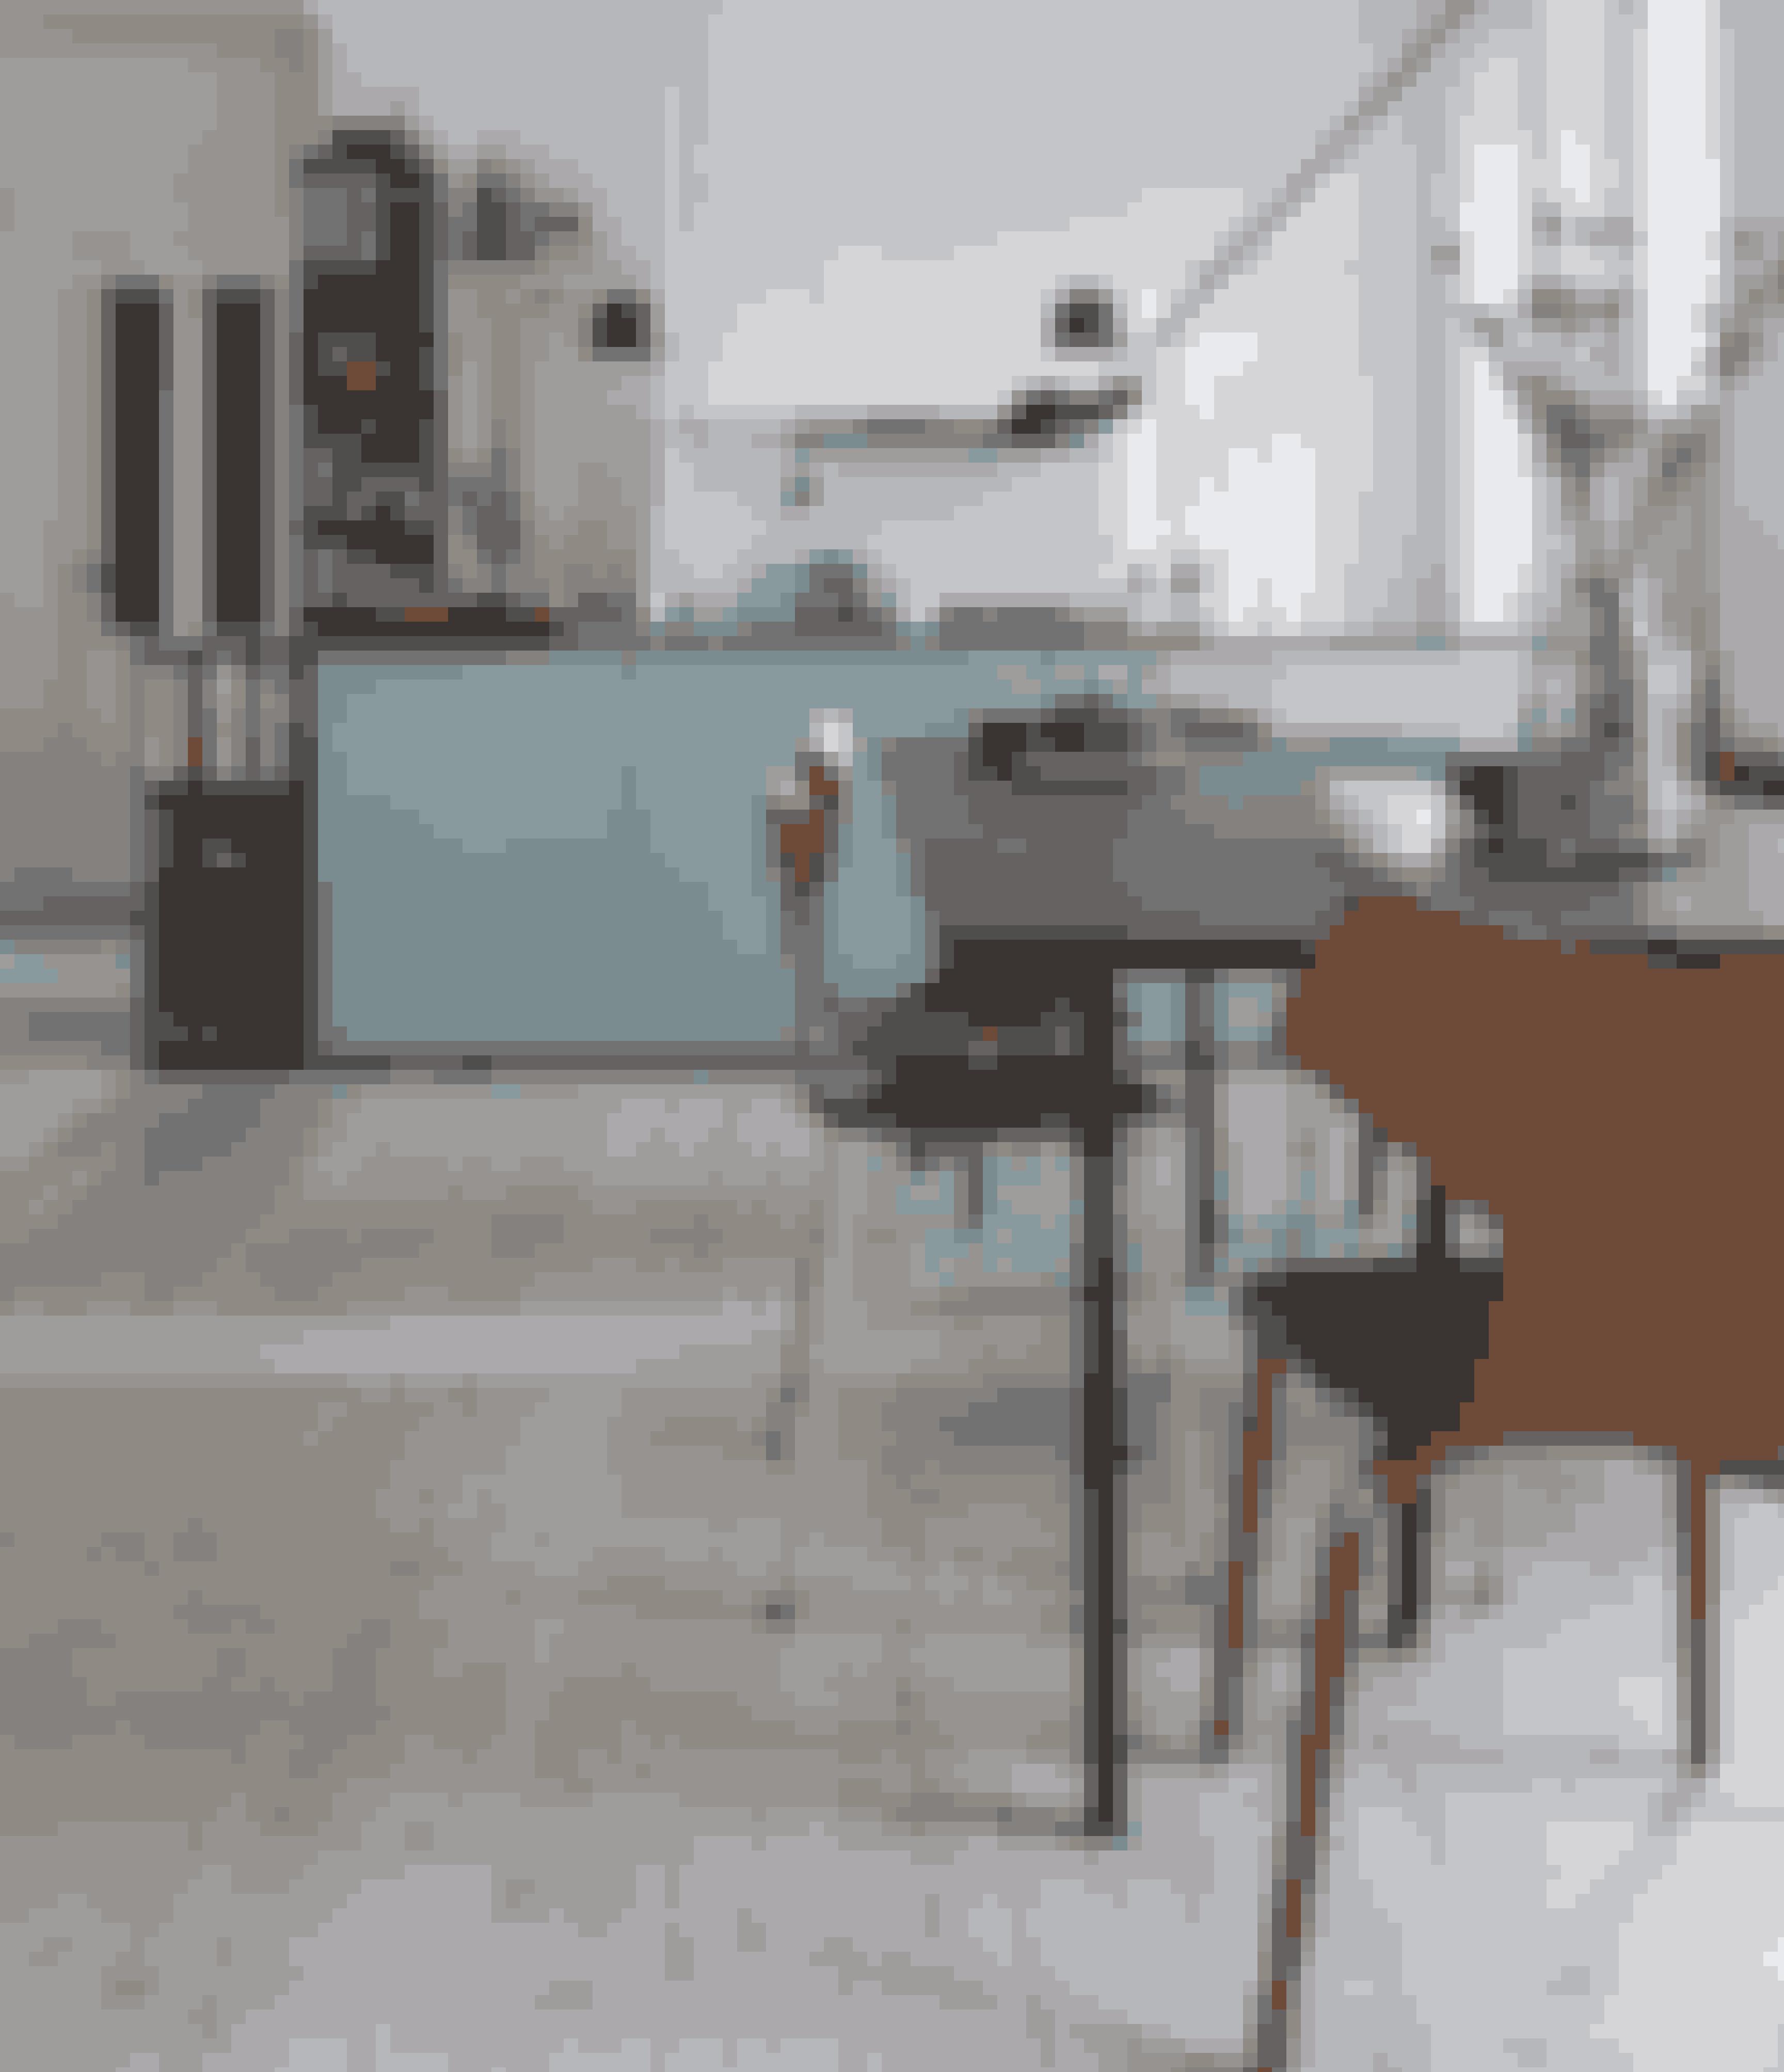 Gulvplanker på tværs og rester i loftet af de tidligere vægge afslører, at køkken-alrummet tidligere bestod af flere små rum. Det gør det nemt at bygge væggene op igen, hvis Sille får behov for det. Køkkenet er fra Individuel Køkken Design, spisebordet fra Hay og lampen fra Flos.